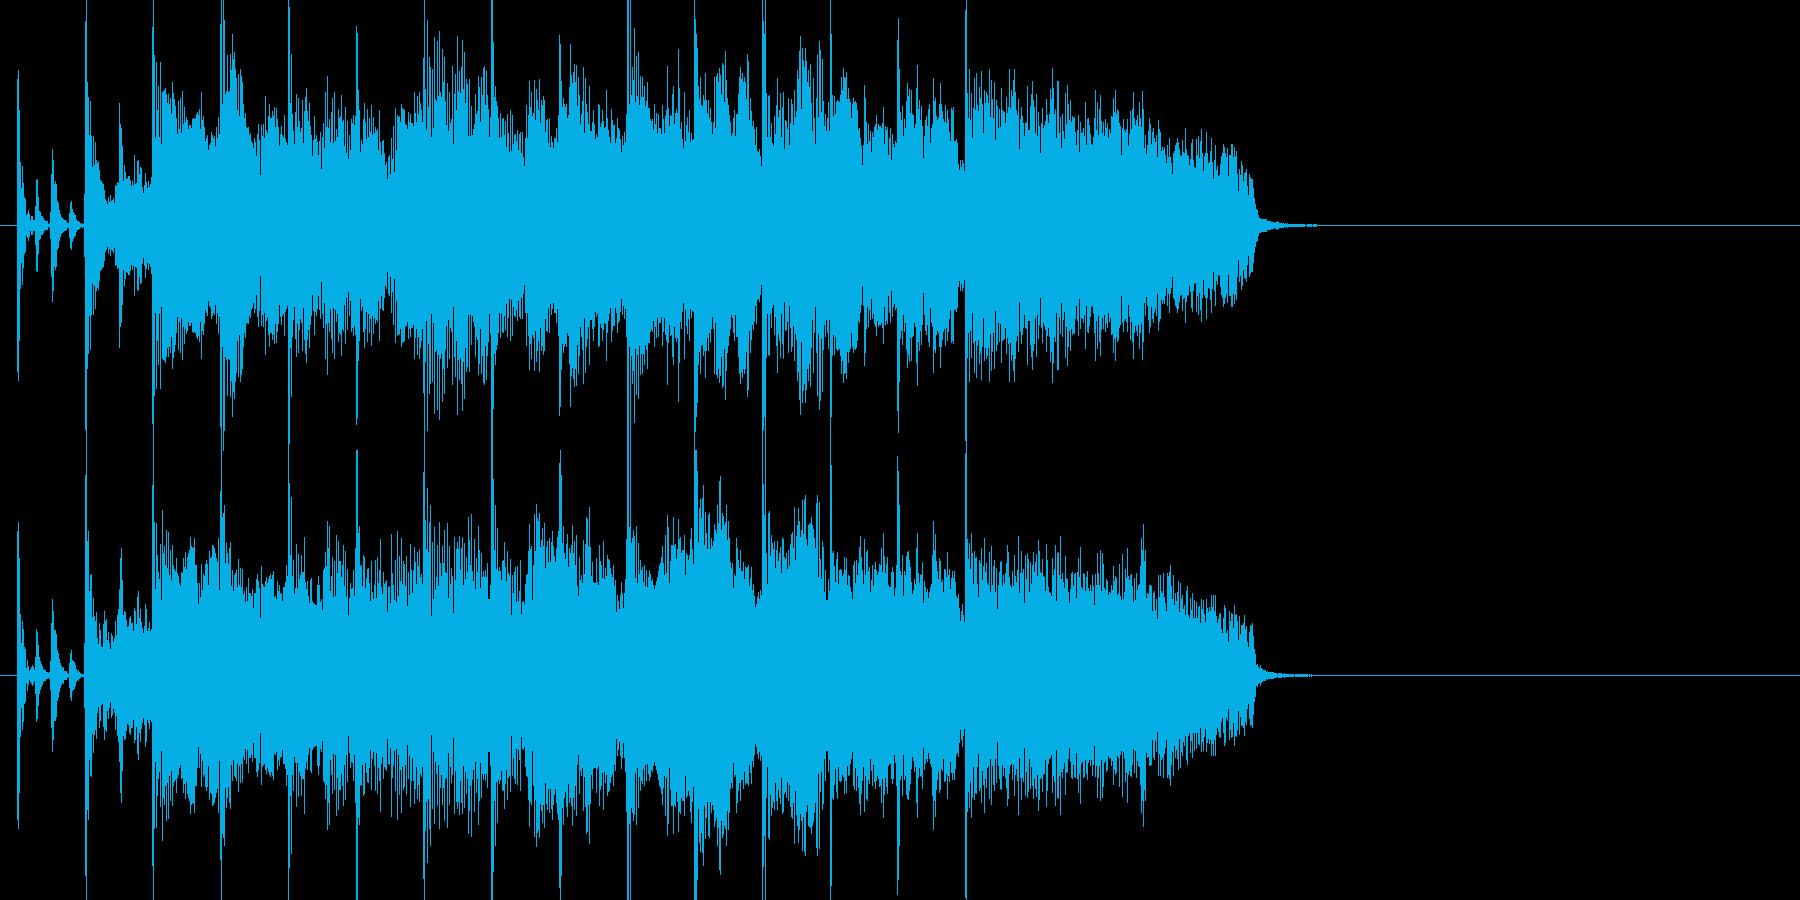 オーケストラ楽器が壮大な感動系ジングルの再生済みの波形